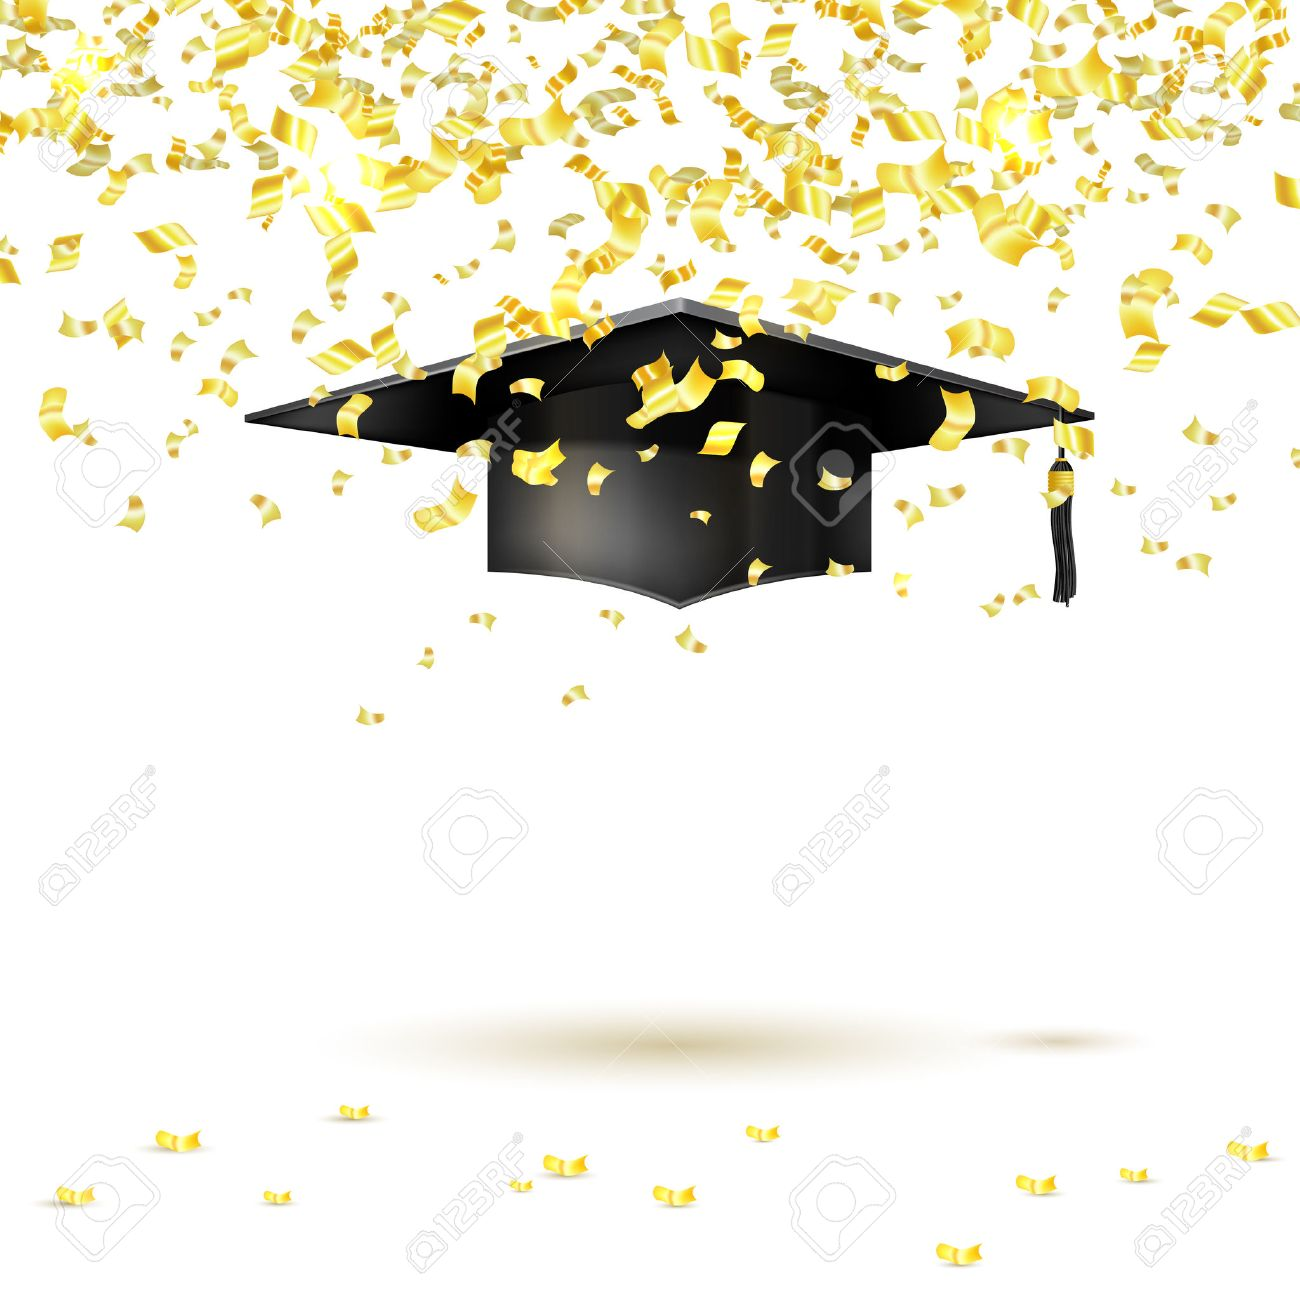 Yellow Creative Converting Graduation Caps Confetti